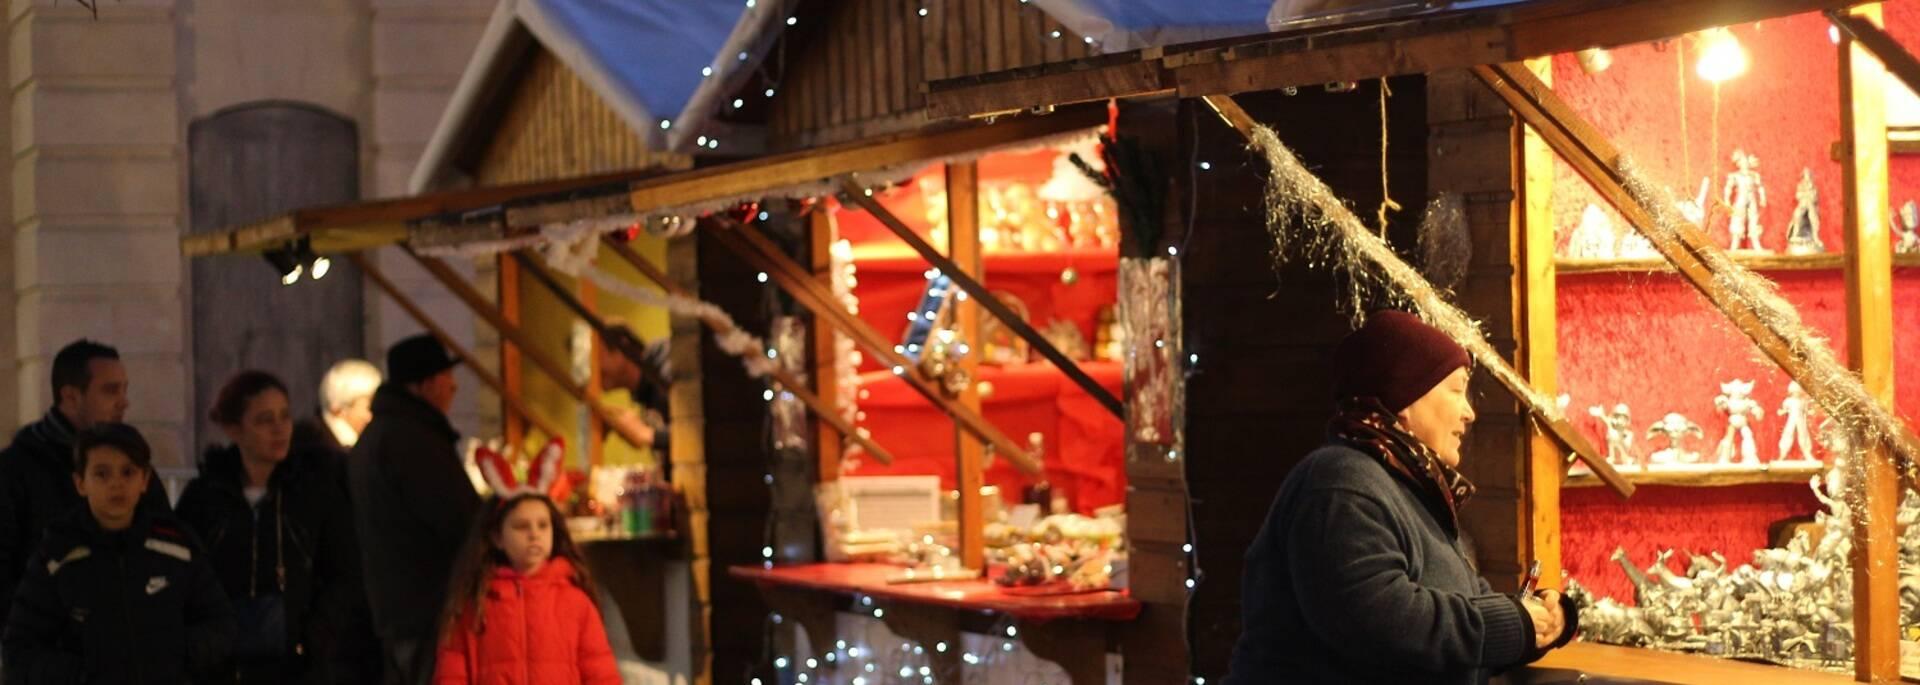 Cabanes pour les fêtes de fin d'année - ©P.Migaud / FDHPA17